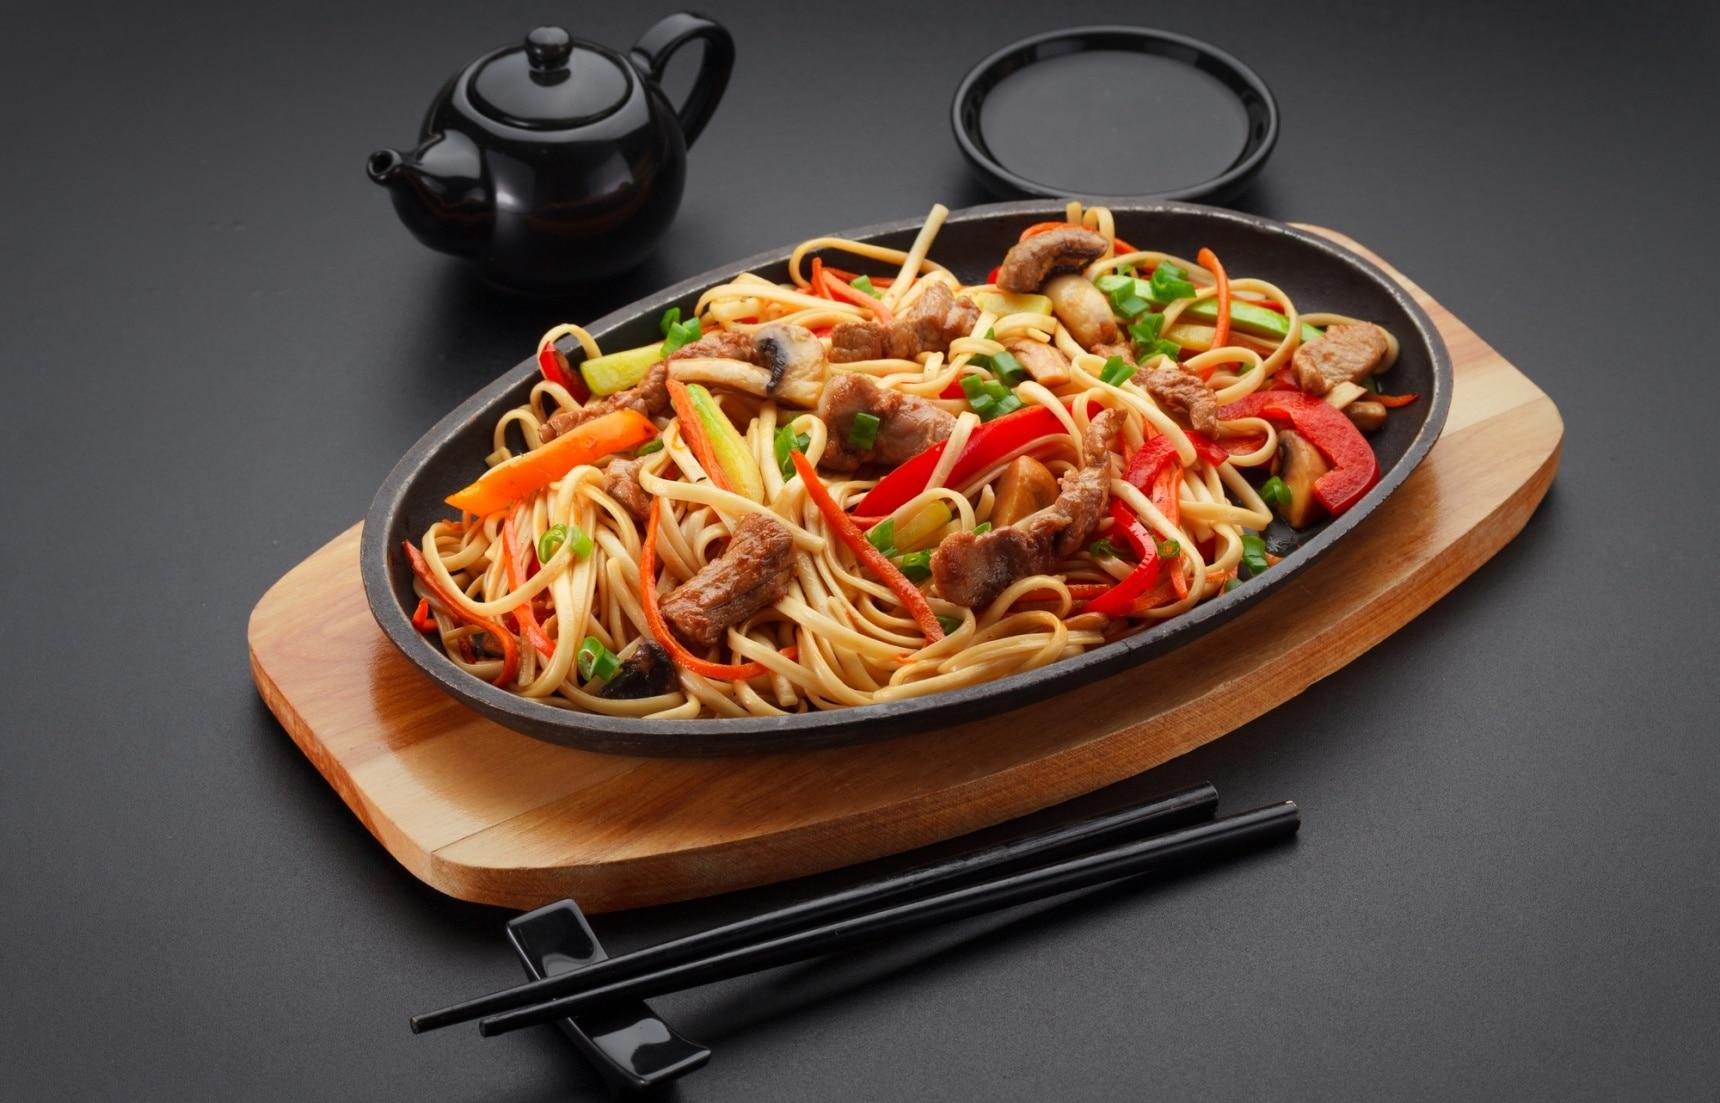 100엔 우동,소바로 만드는 요리 5